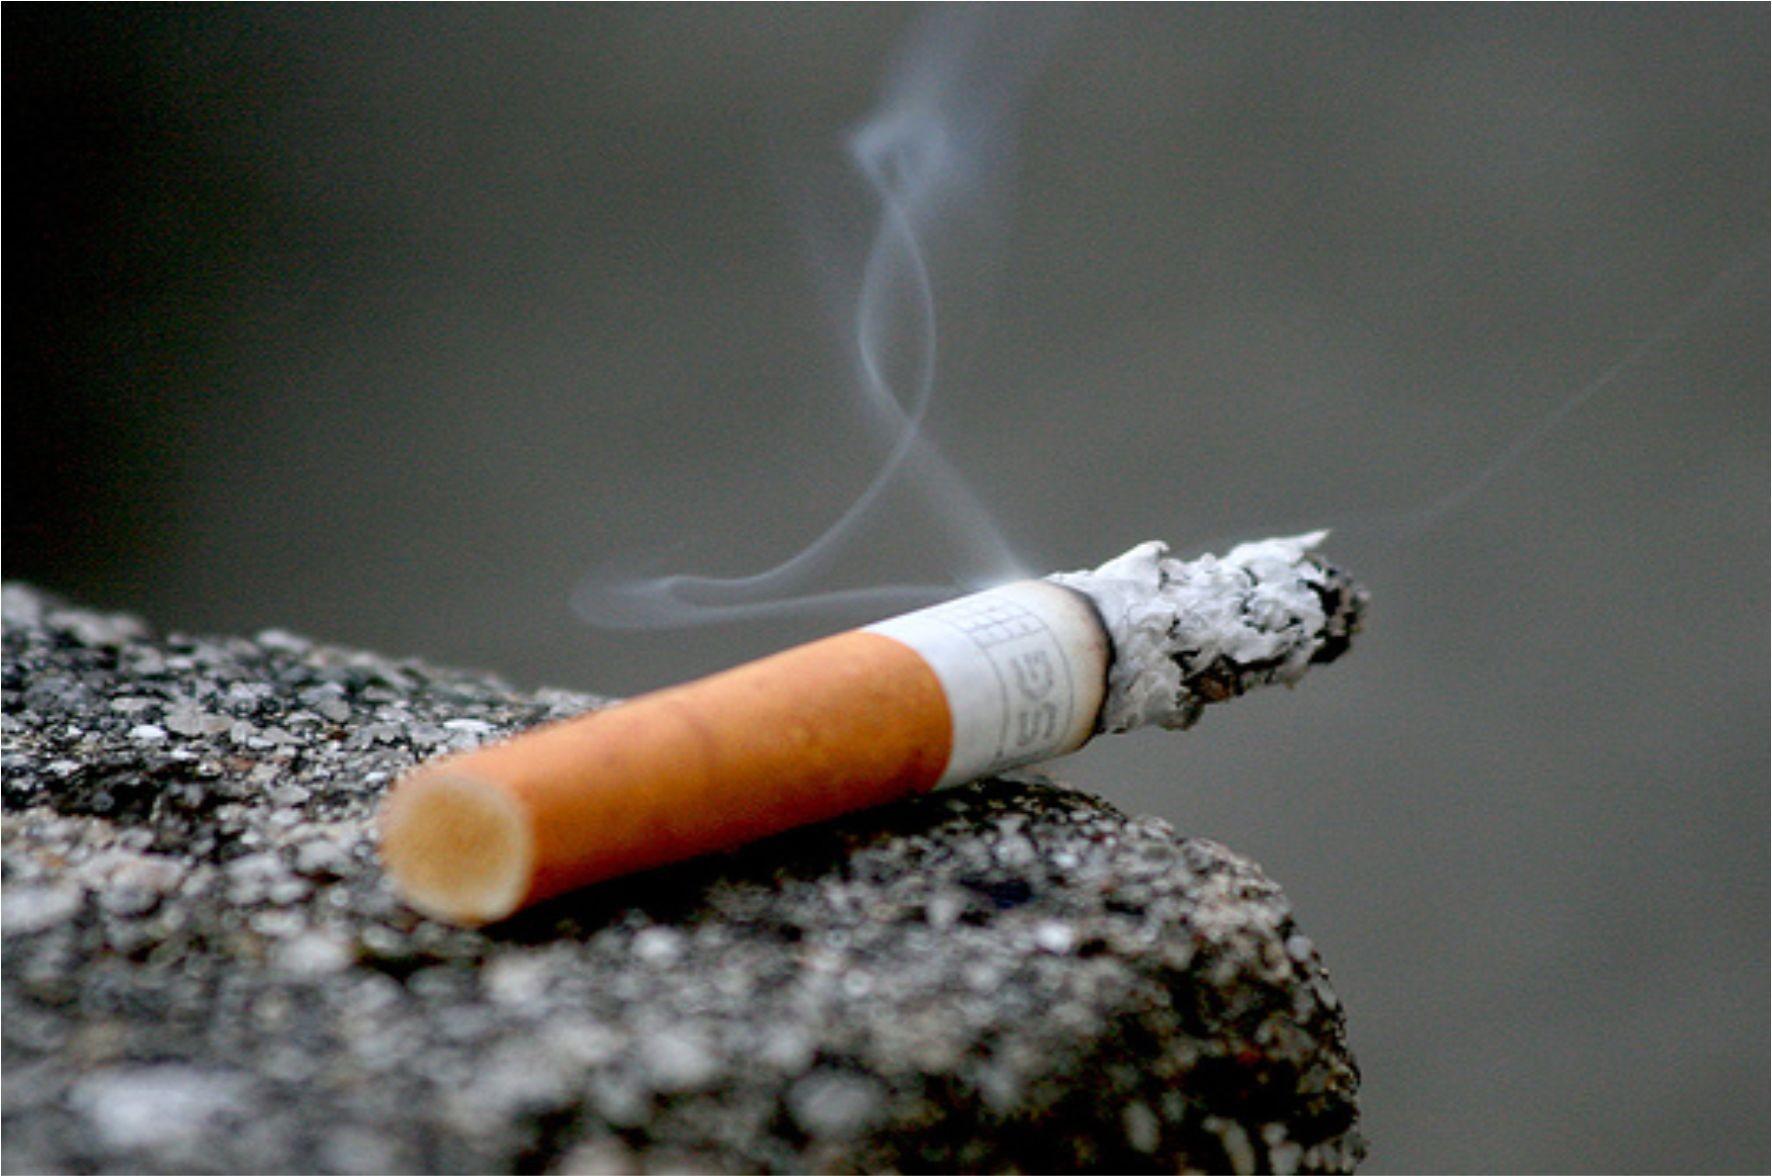 Министерство здравоохранения опровергает сообщения обинициативе запретить свободную реализацию табака